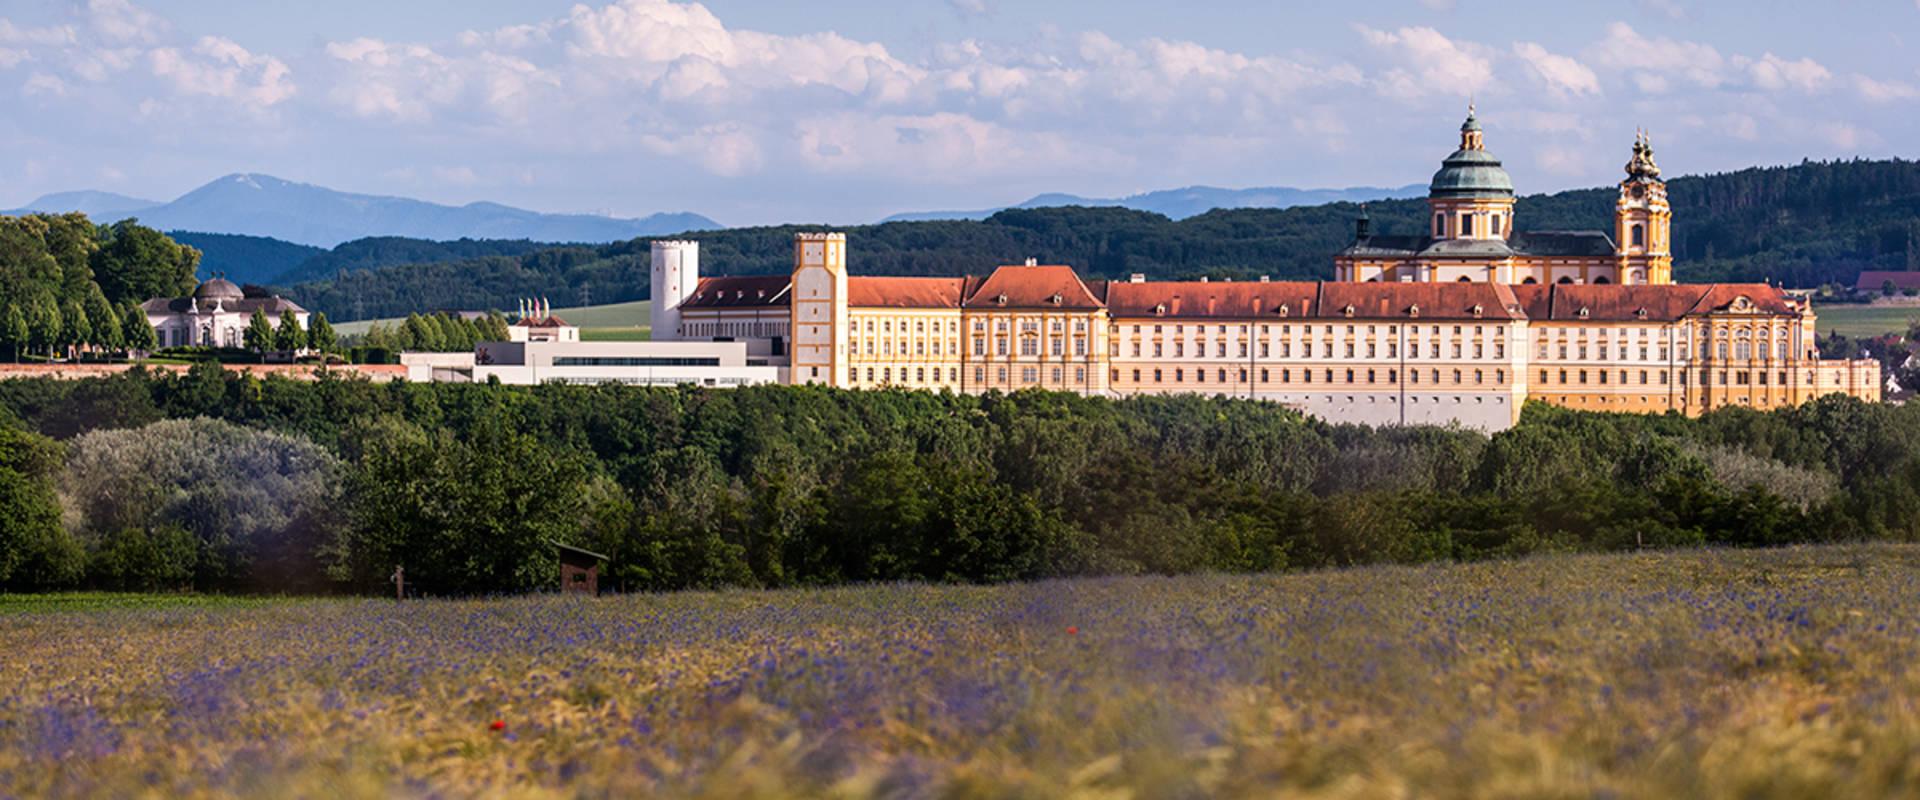 Donau Niederösterreich/Robert Herbst